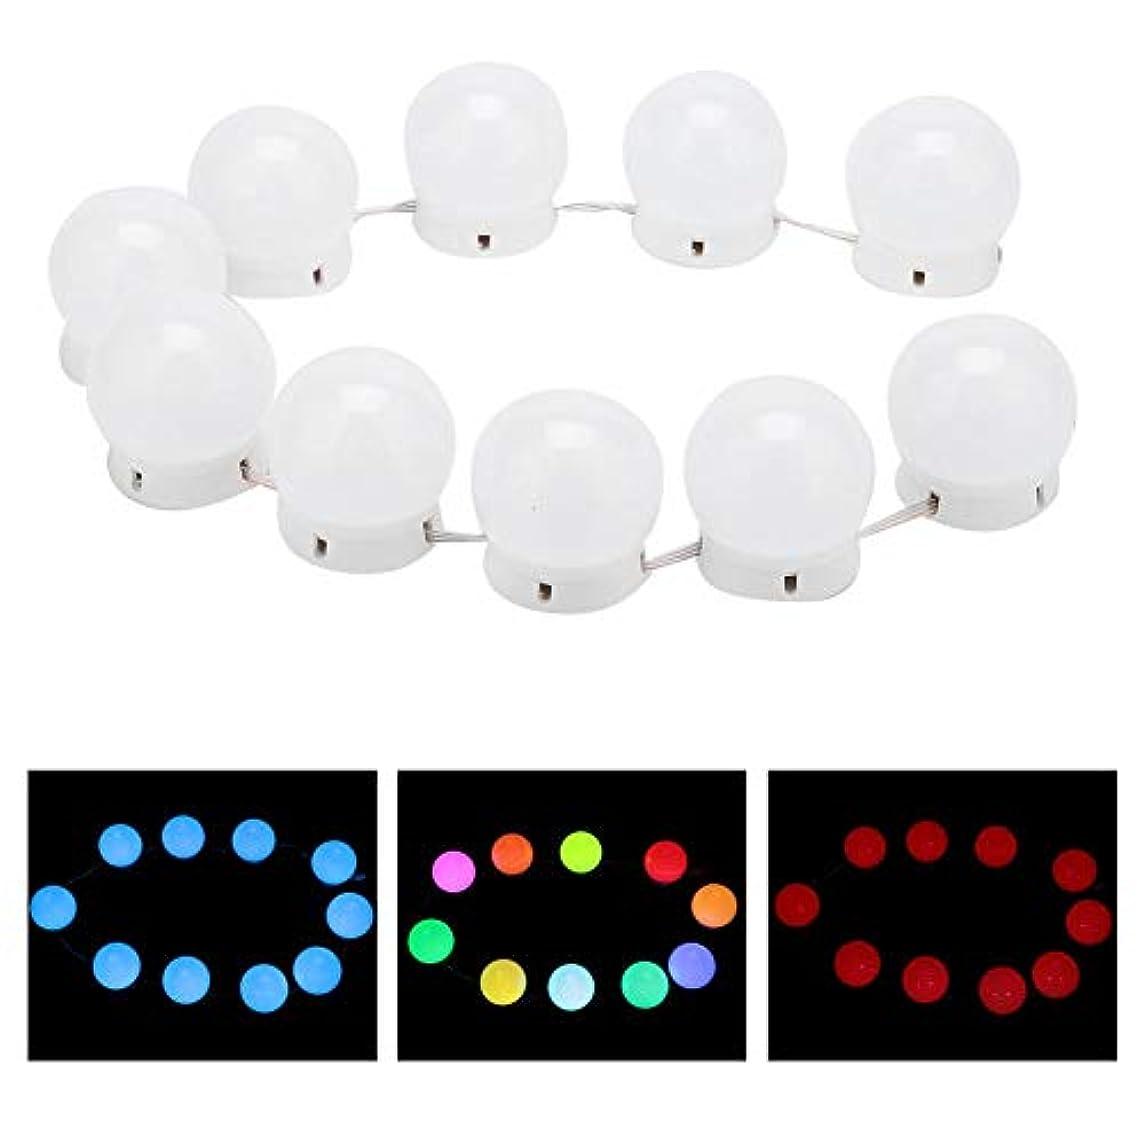 ところでアルコーブジュニア化粧鏡ラ??イトキット 10 LED付き調 光ライトストリング電球バニティライト化粧鏡に最適 バスルームの照明